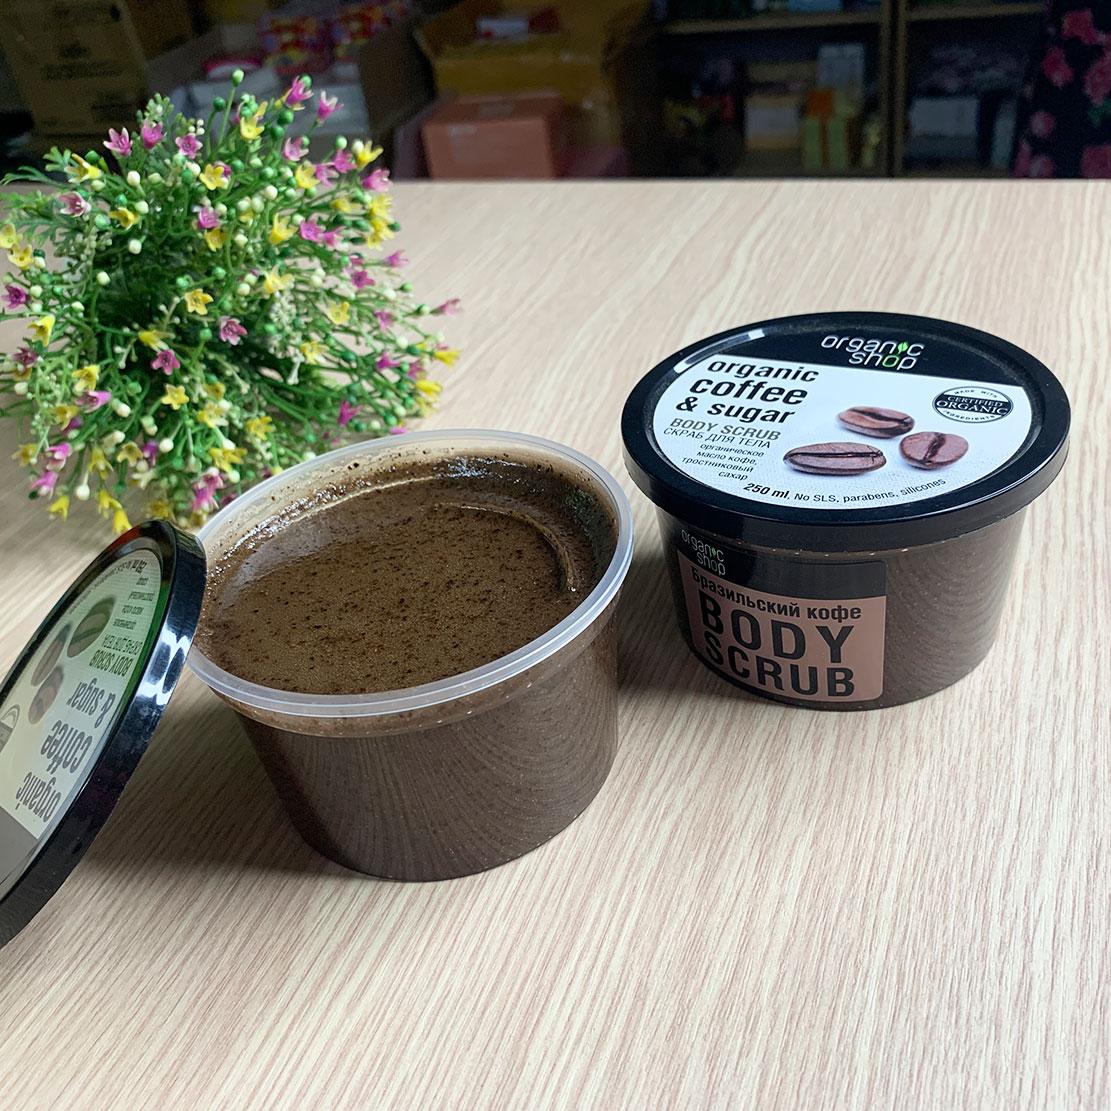 Tẩy Da Chết Toàn Thân Body Scrub Organic Coffee And Sugar Nga